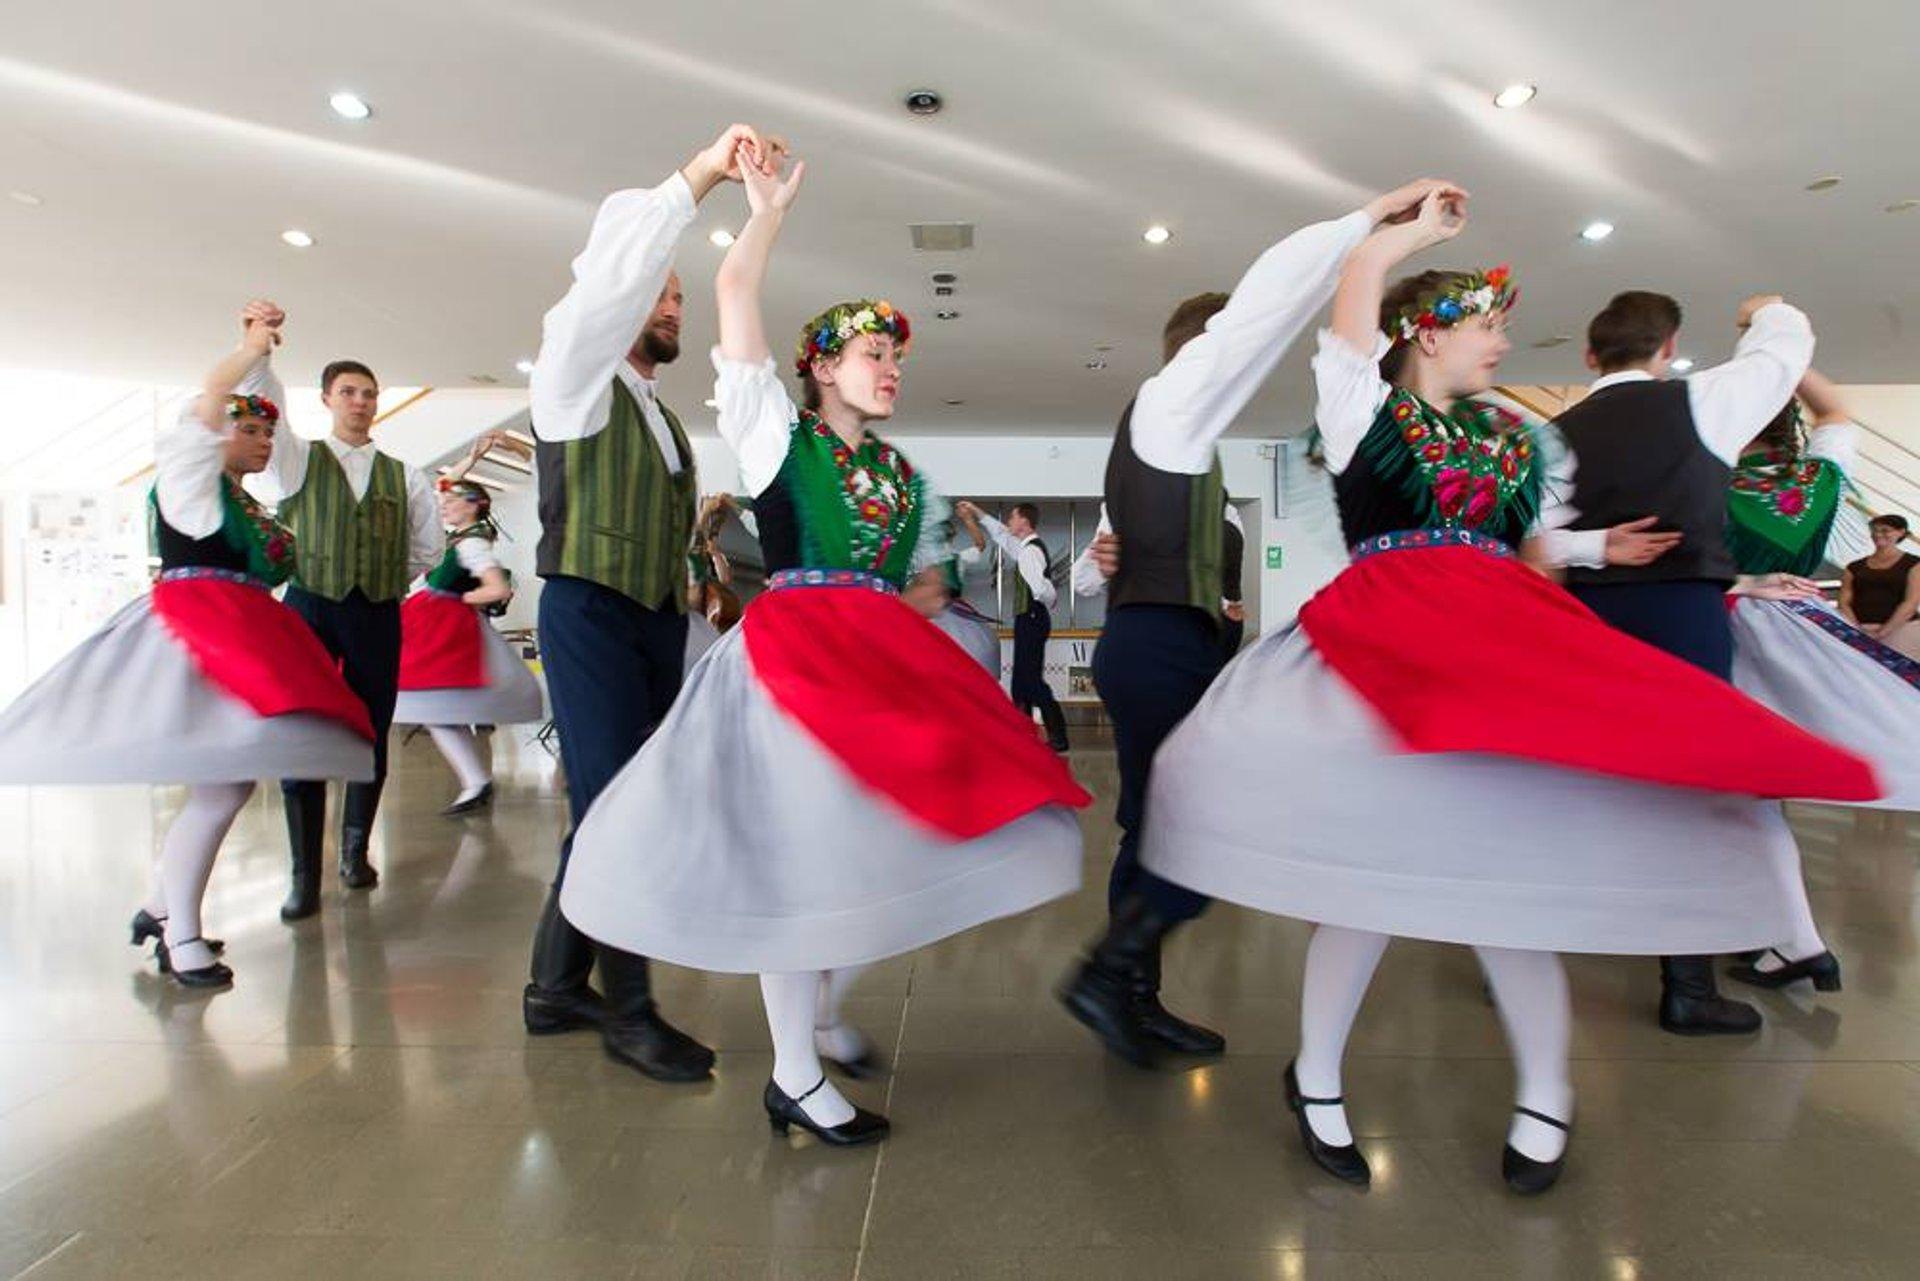 Festival Bled in Slovenia 2020 - Best Time